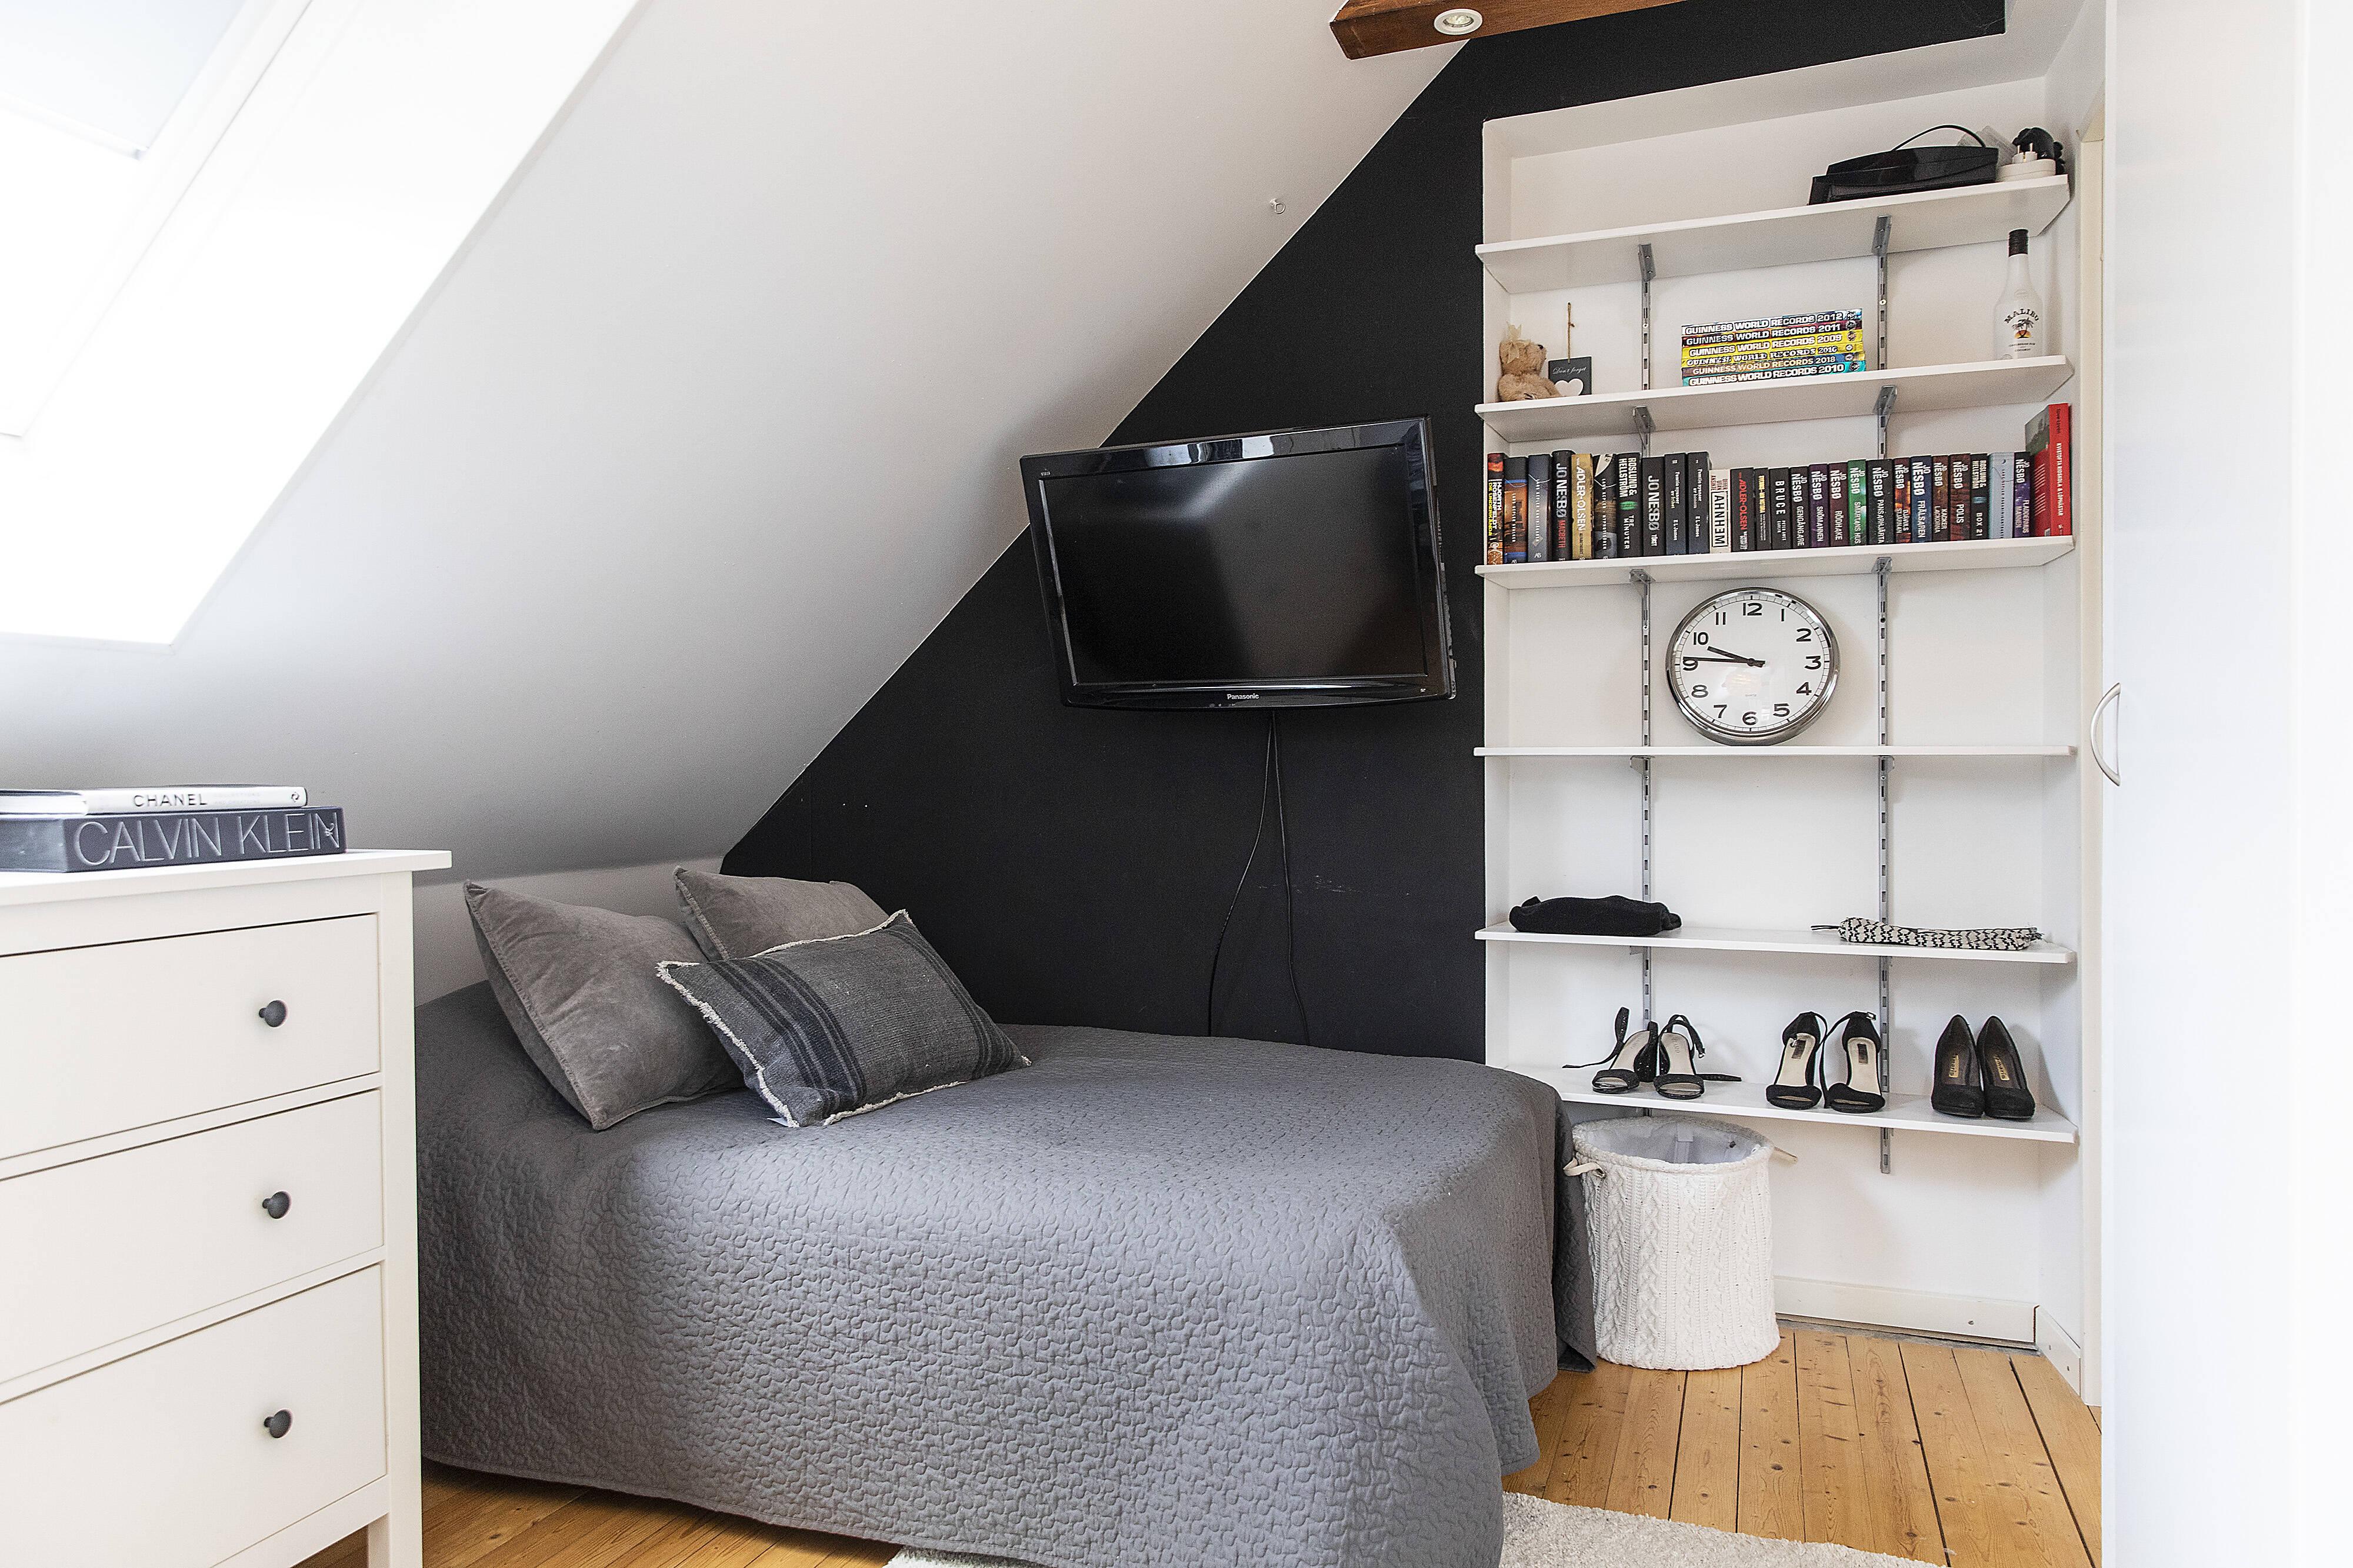 sovrum med takbjkälkar och inbyggd belysning